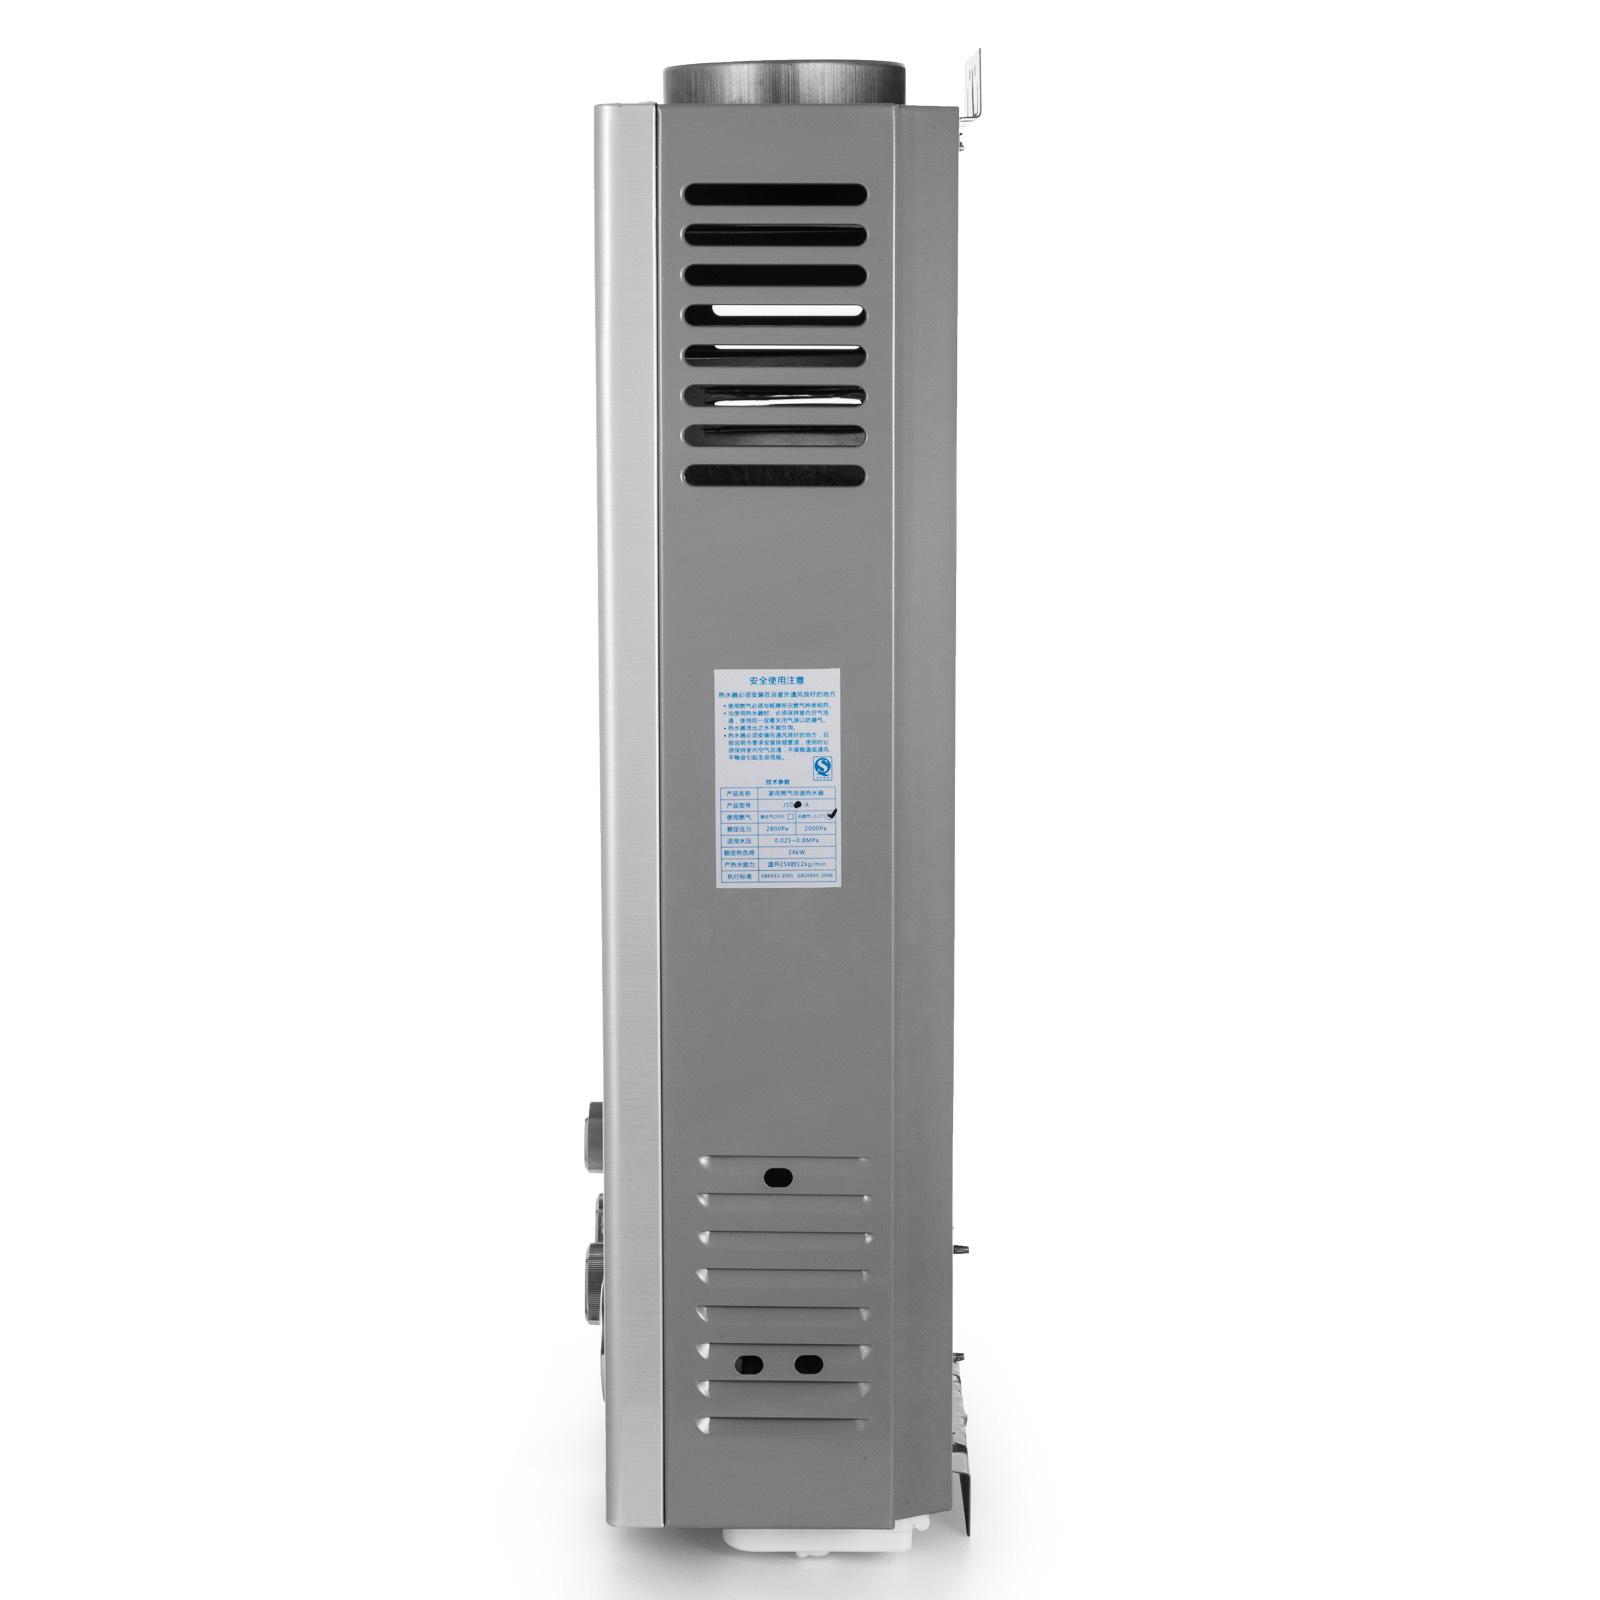 Propangas-Gas-Durchlauferhitzer-Warmwasserbereiter-Boiler-Warmwasserspeicher Indexbild 96